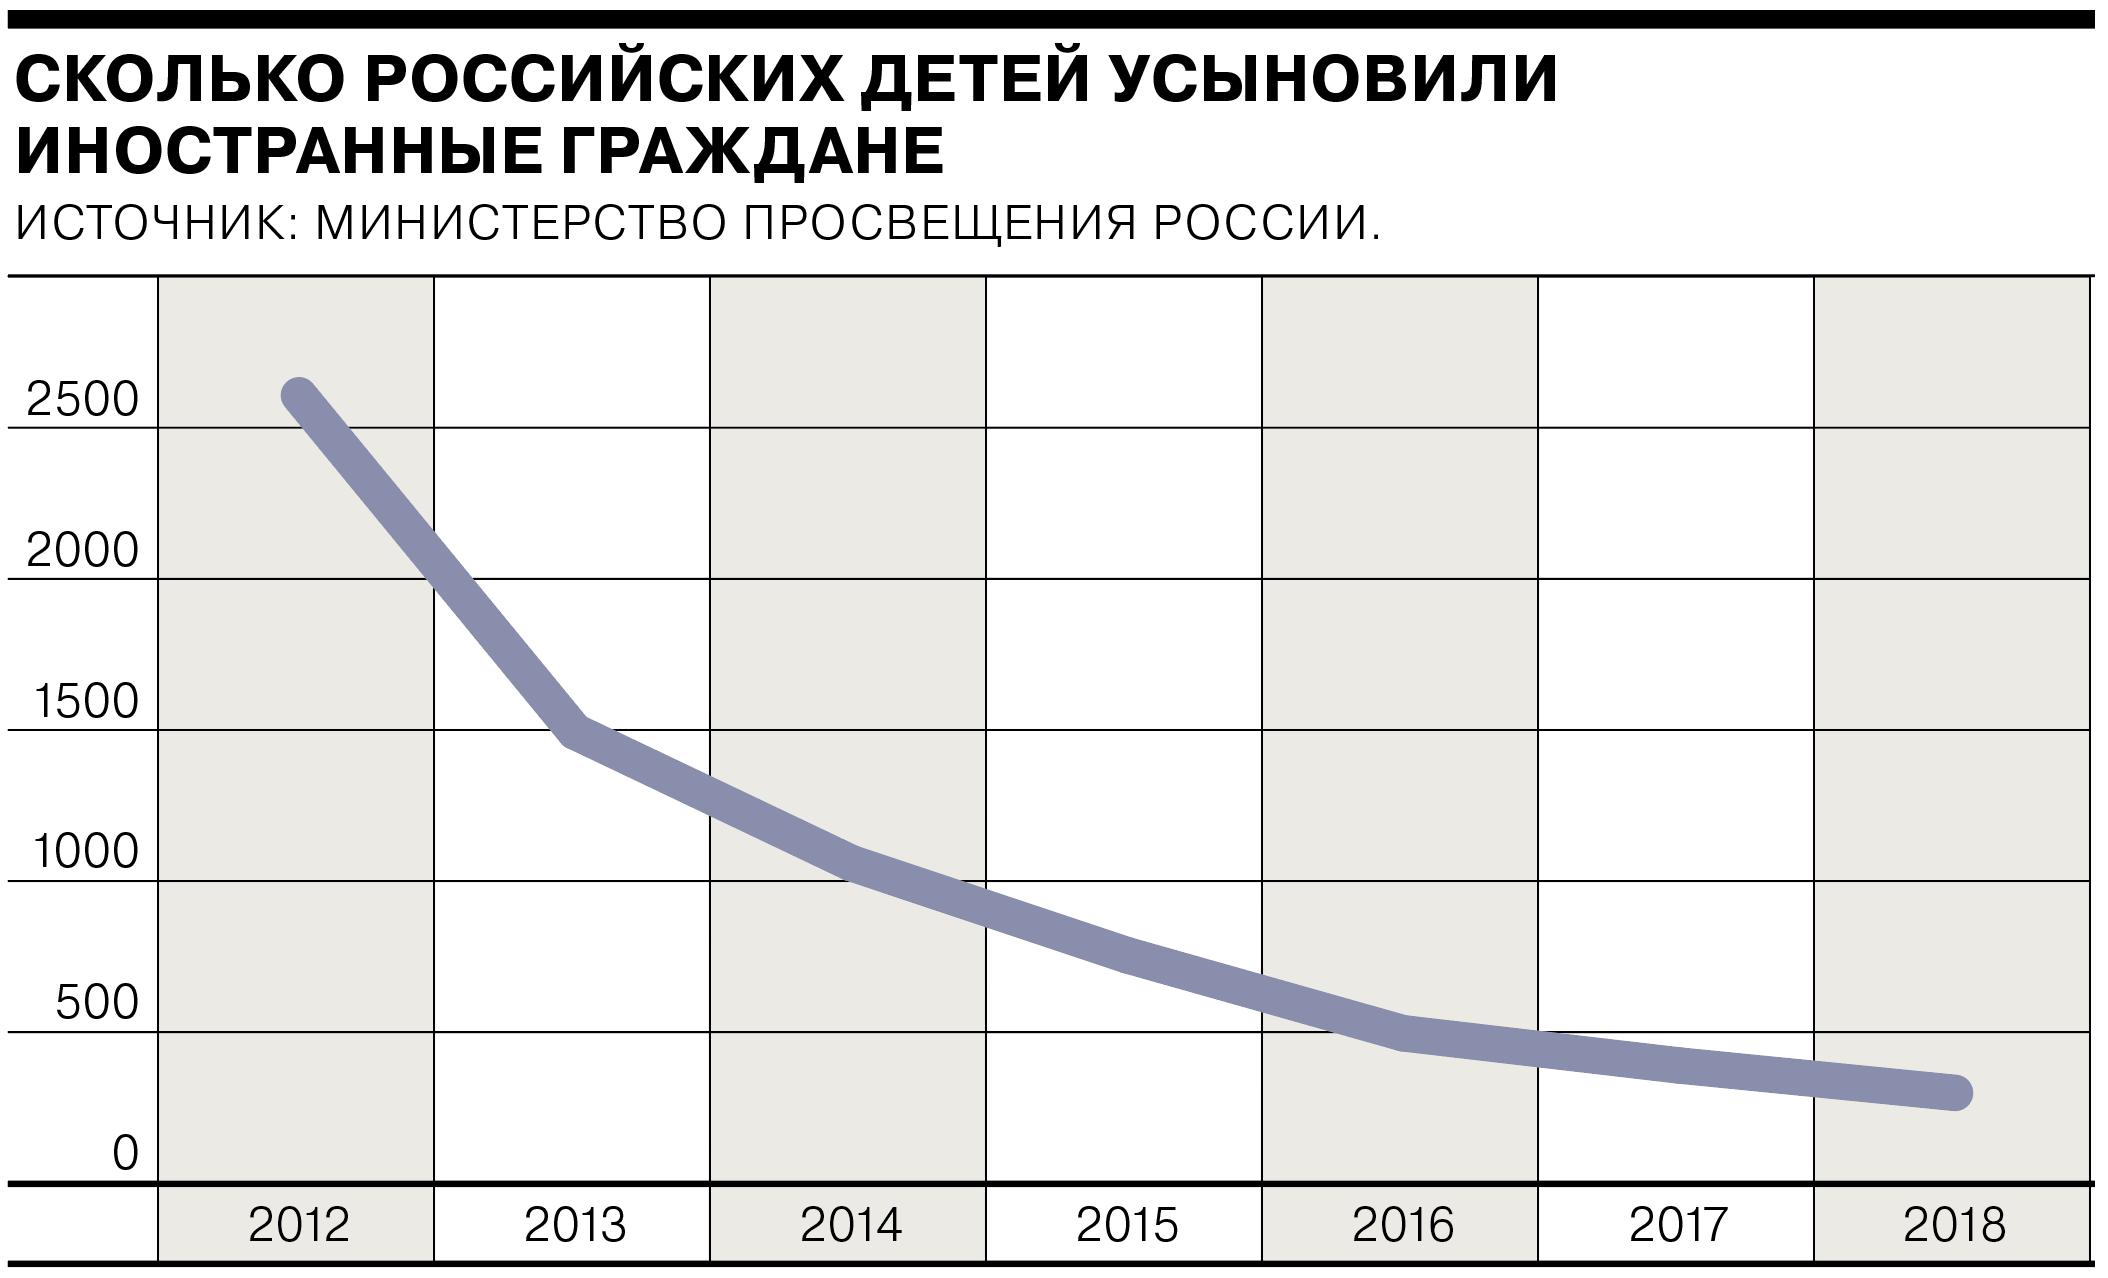 Сколько российских детей усыновили иностранные граждане